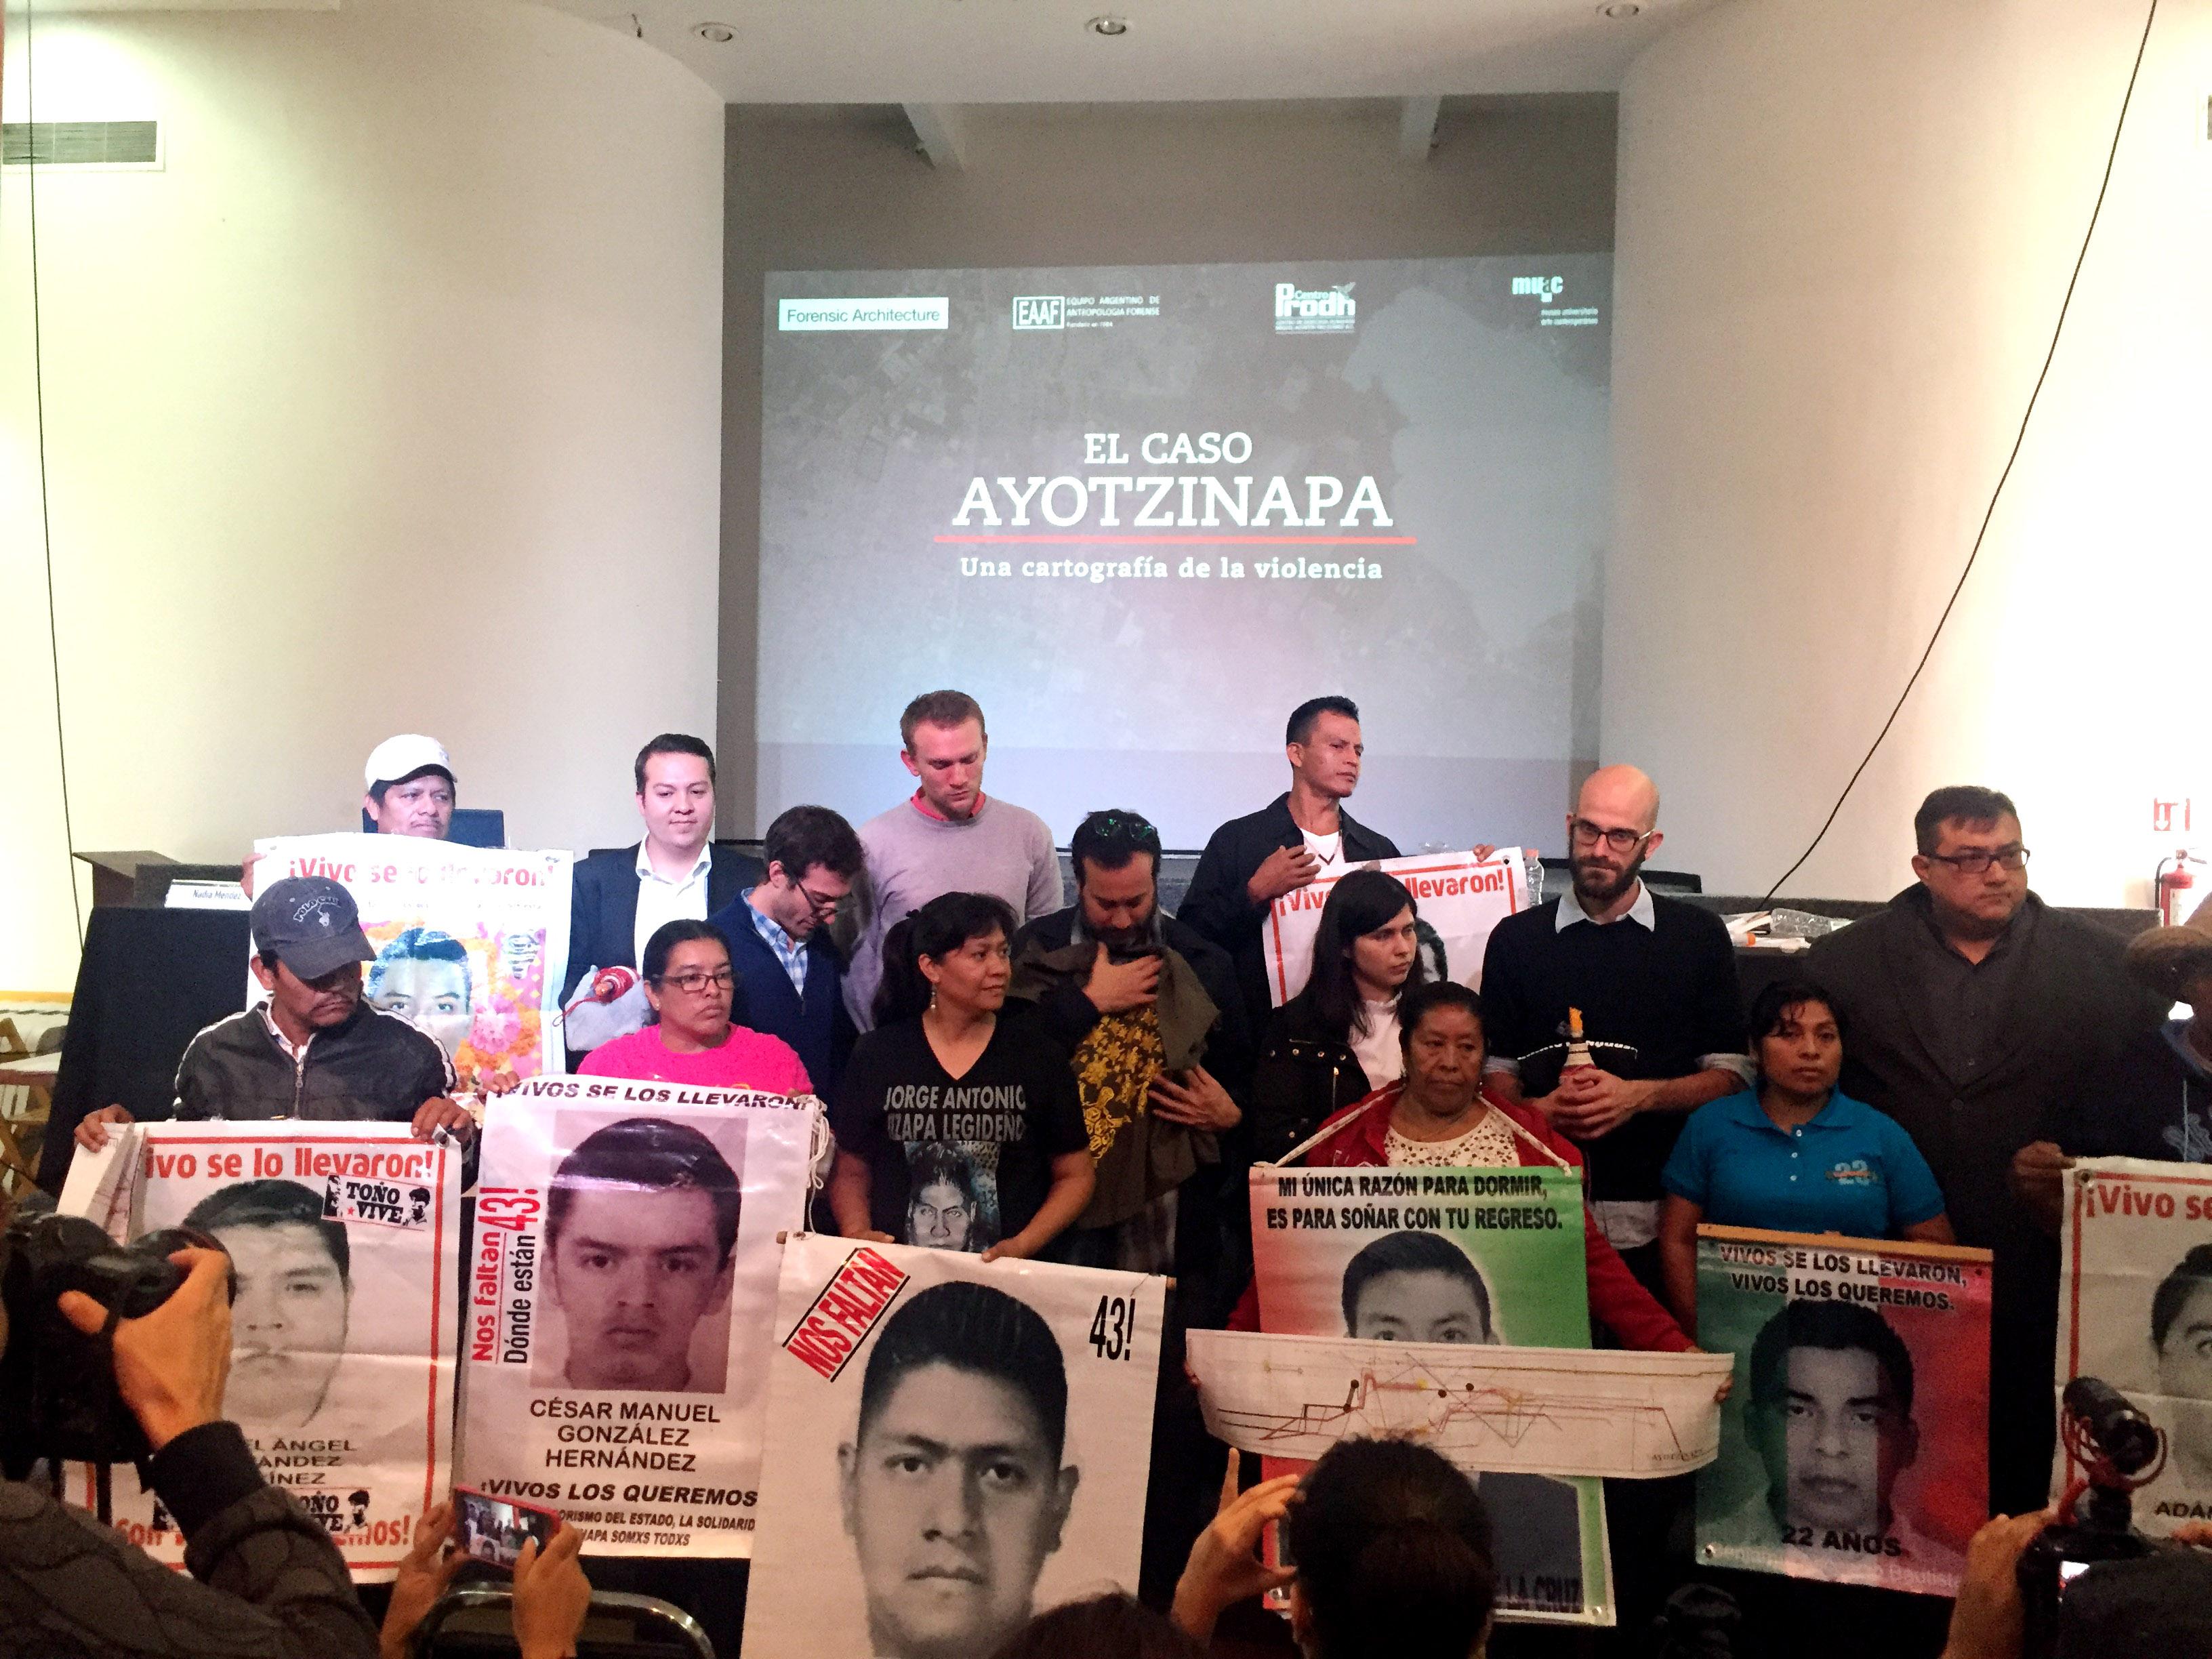 s-padres-43-arquitectura-forense-presenta-plataforma-digital-colavoraciones-externas.jpg: CDMX. 07septiembre2017. / Arquitectura Forense reafirma que fue un crimen de estado la desaparición forzada de los 43 normalistas de Ayotzinapa. Presentan plataforma digital donde pueden colaborar investigadores externos a la investigación del caso. Abogados lamentan que la investigación sea ciudadana, porque la PGR a tres años no ha dado avances a la investigación. Foto: El Sur.